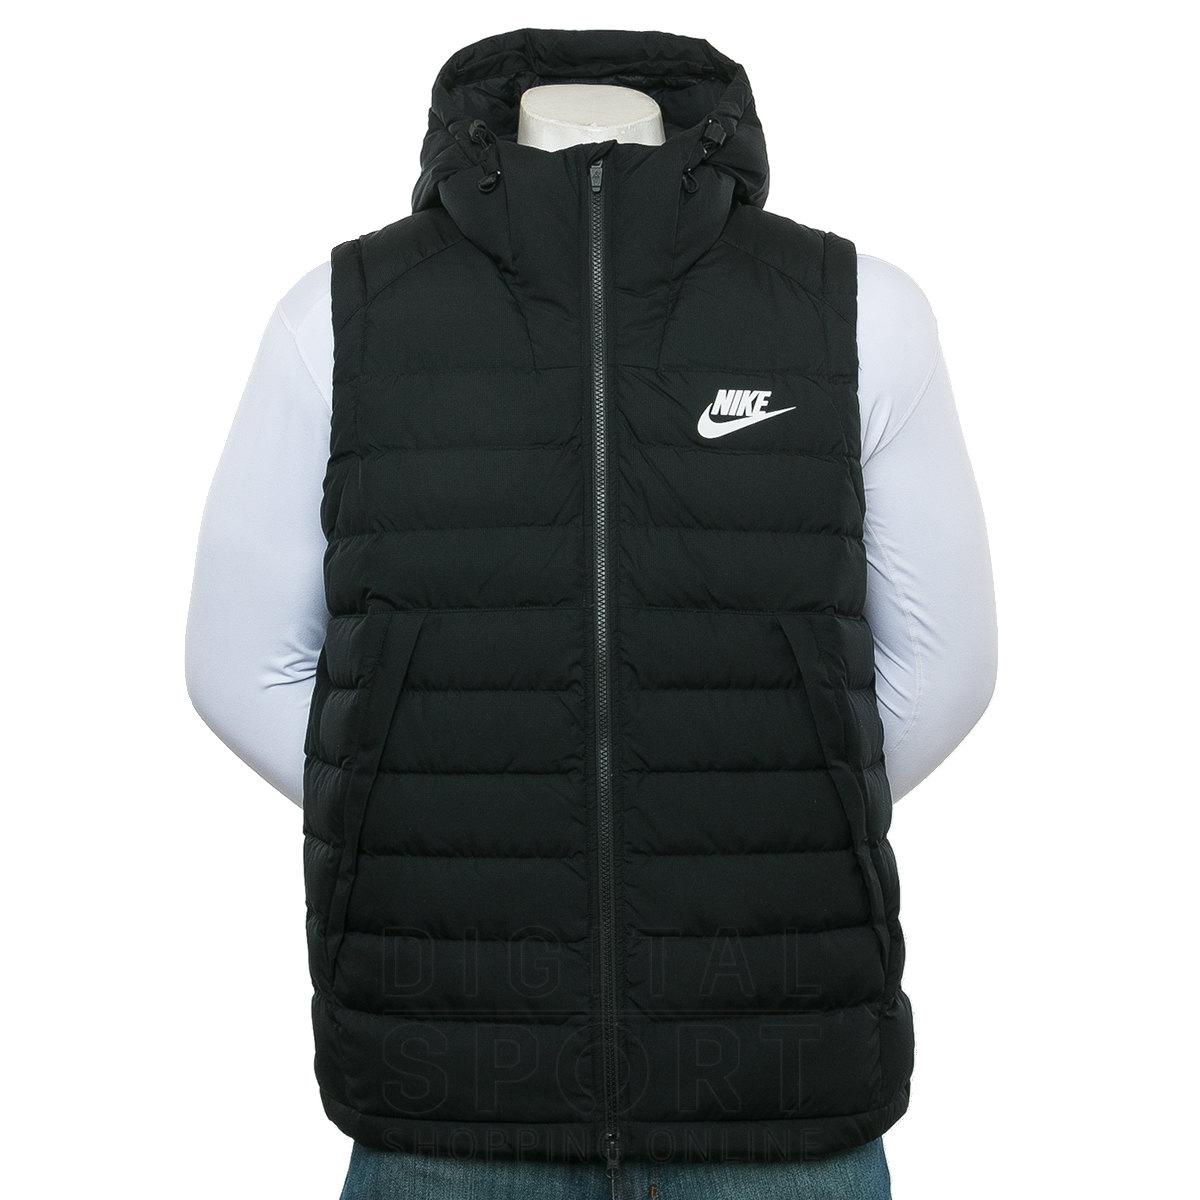 Hombre Fill Down Vest Para Chaleco Moda Chalecos De En Nike xZSnfWqWwA